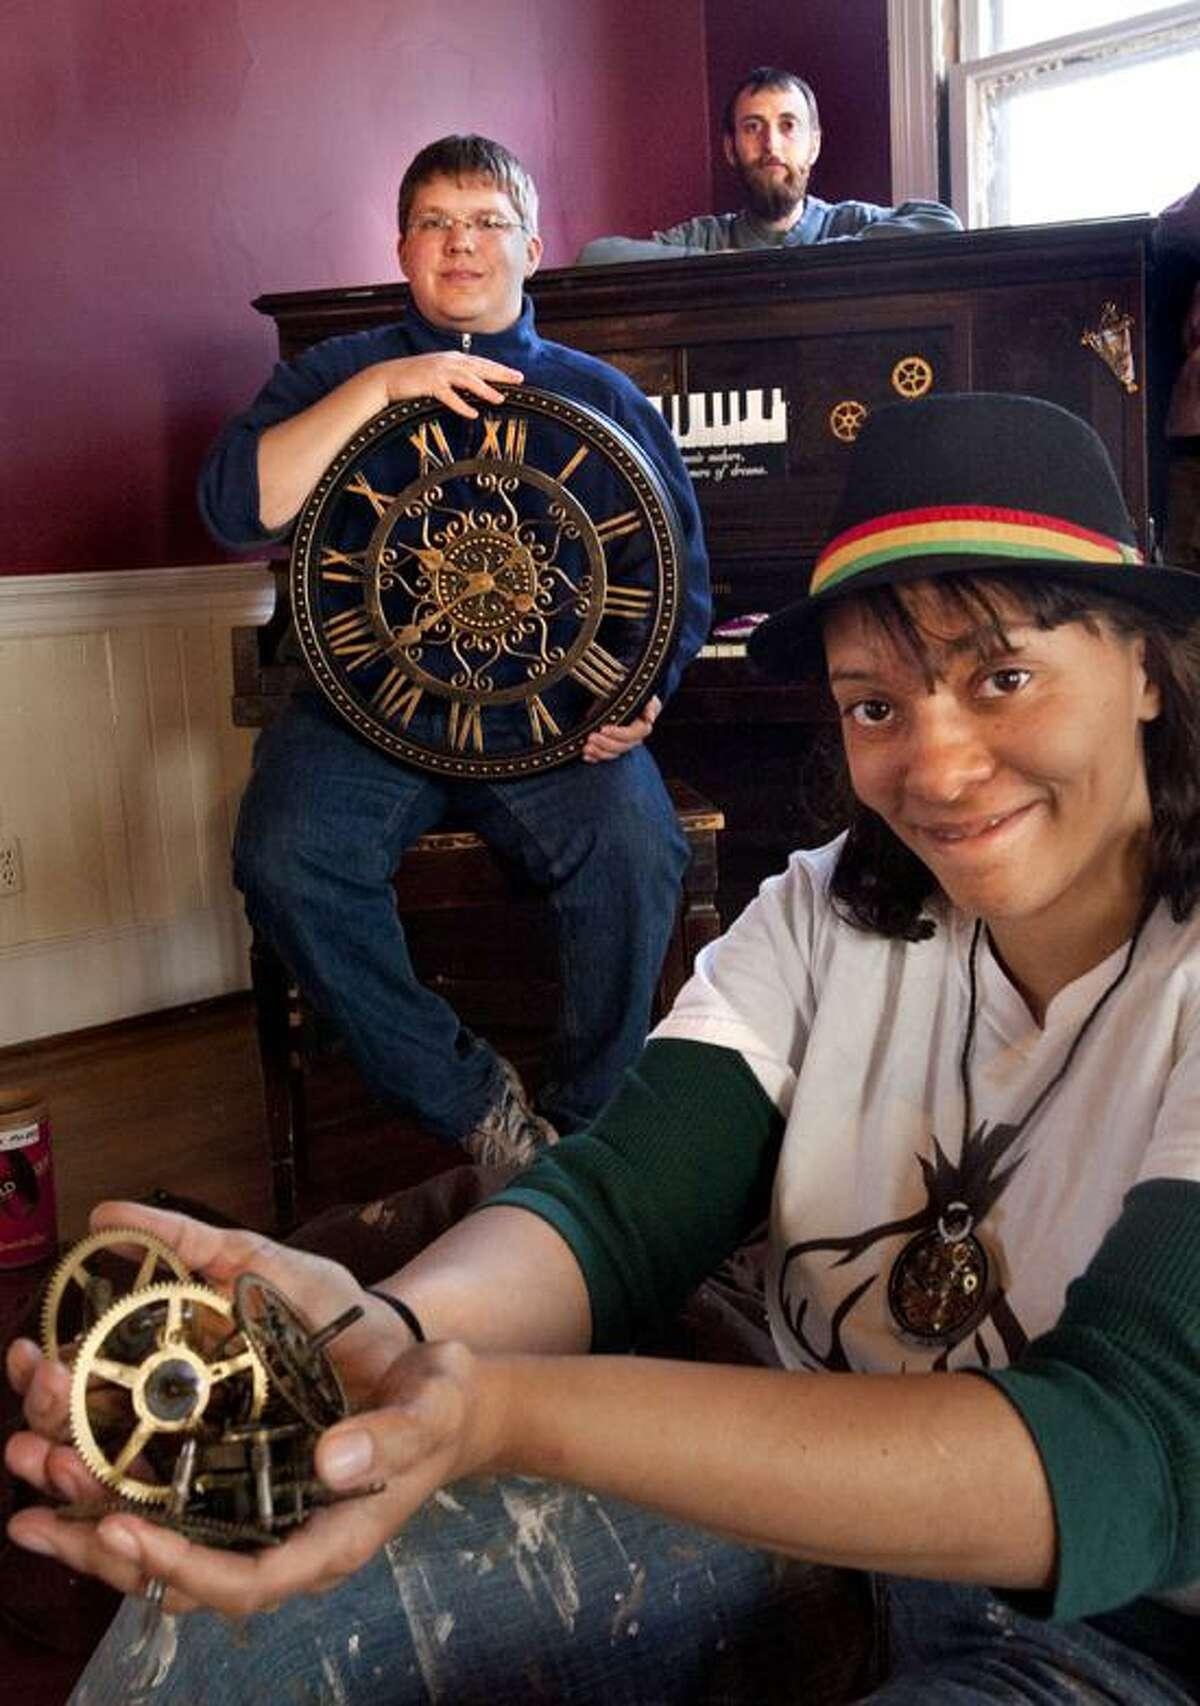 New Haven-Steam punk parts for steampunk piano at Episcopal Church. Melanie Stengel/Register